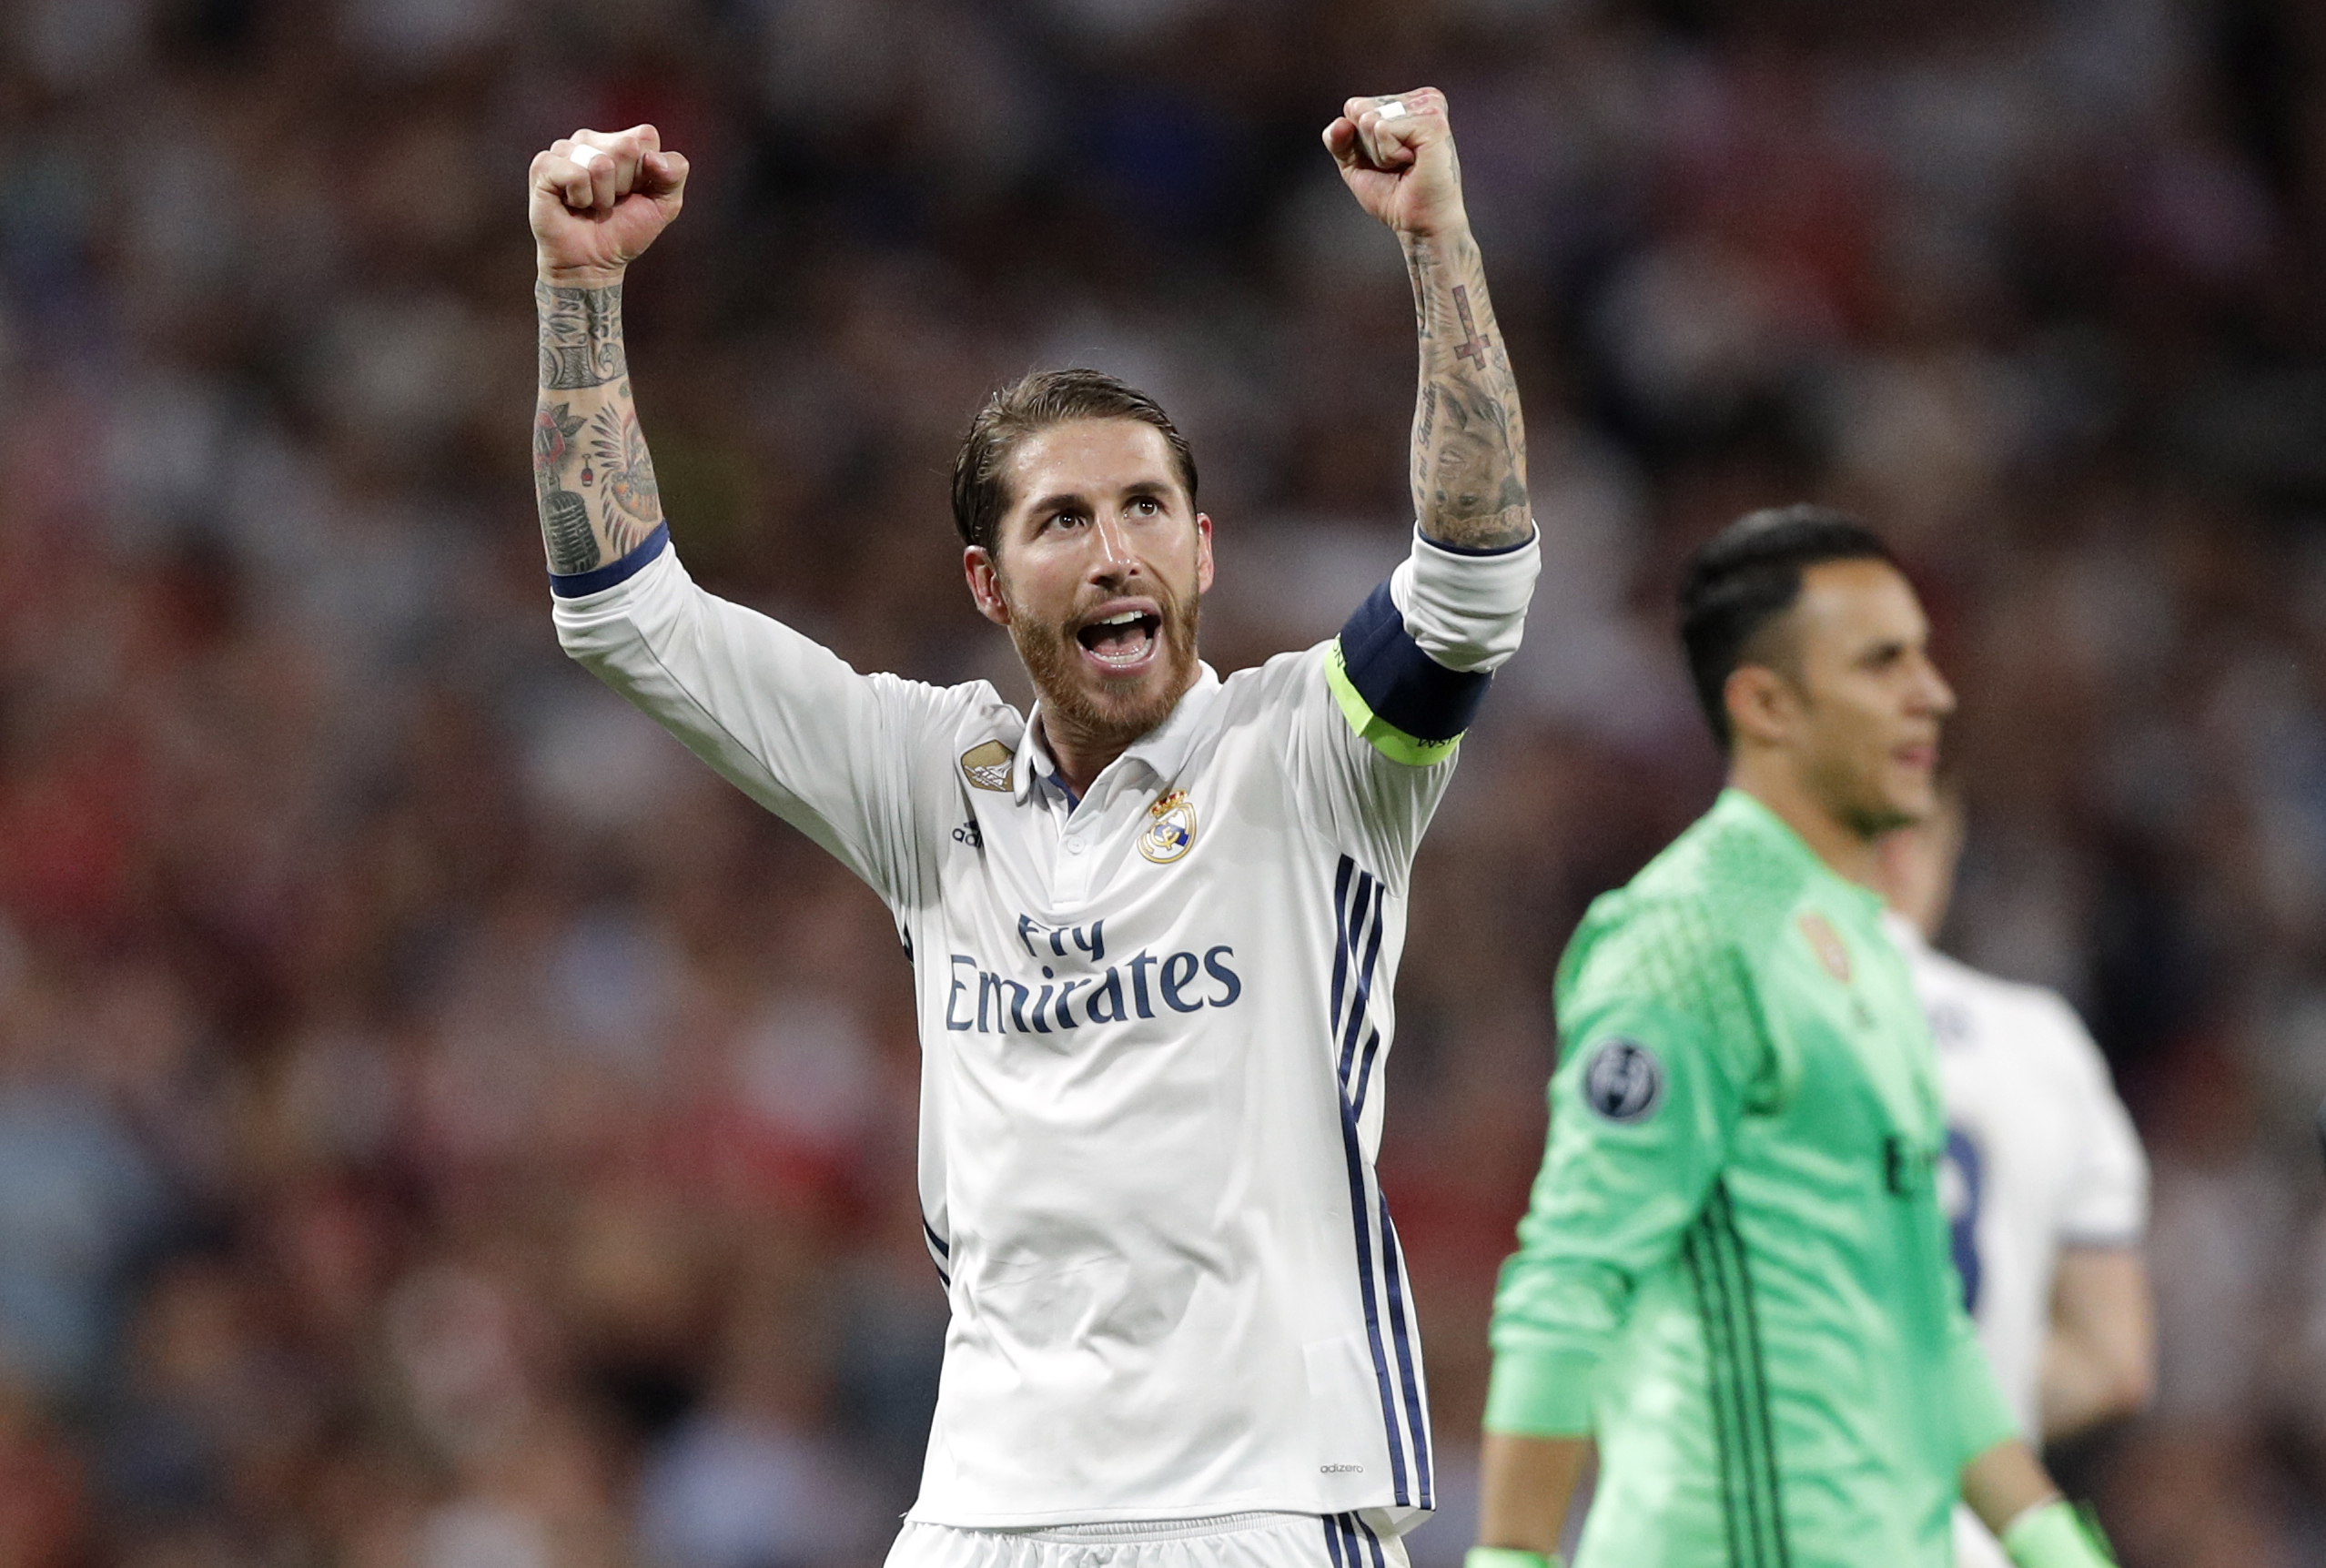 Que Piqué rebobine partido ante PSG, contesta Sergio Ramos. Con Raúl Orvañanos